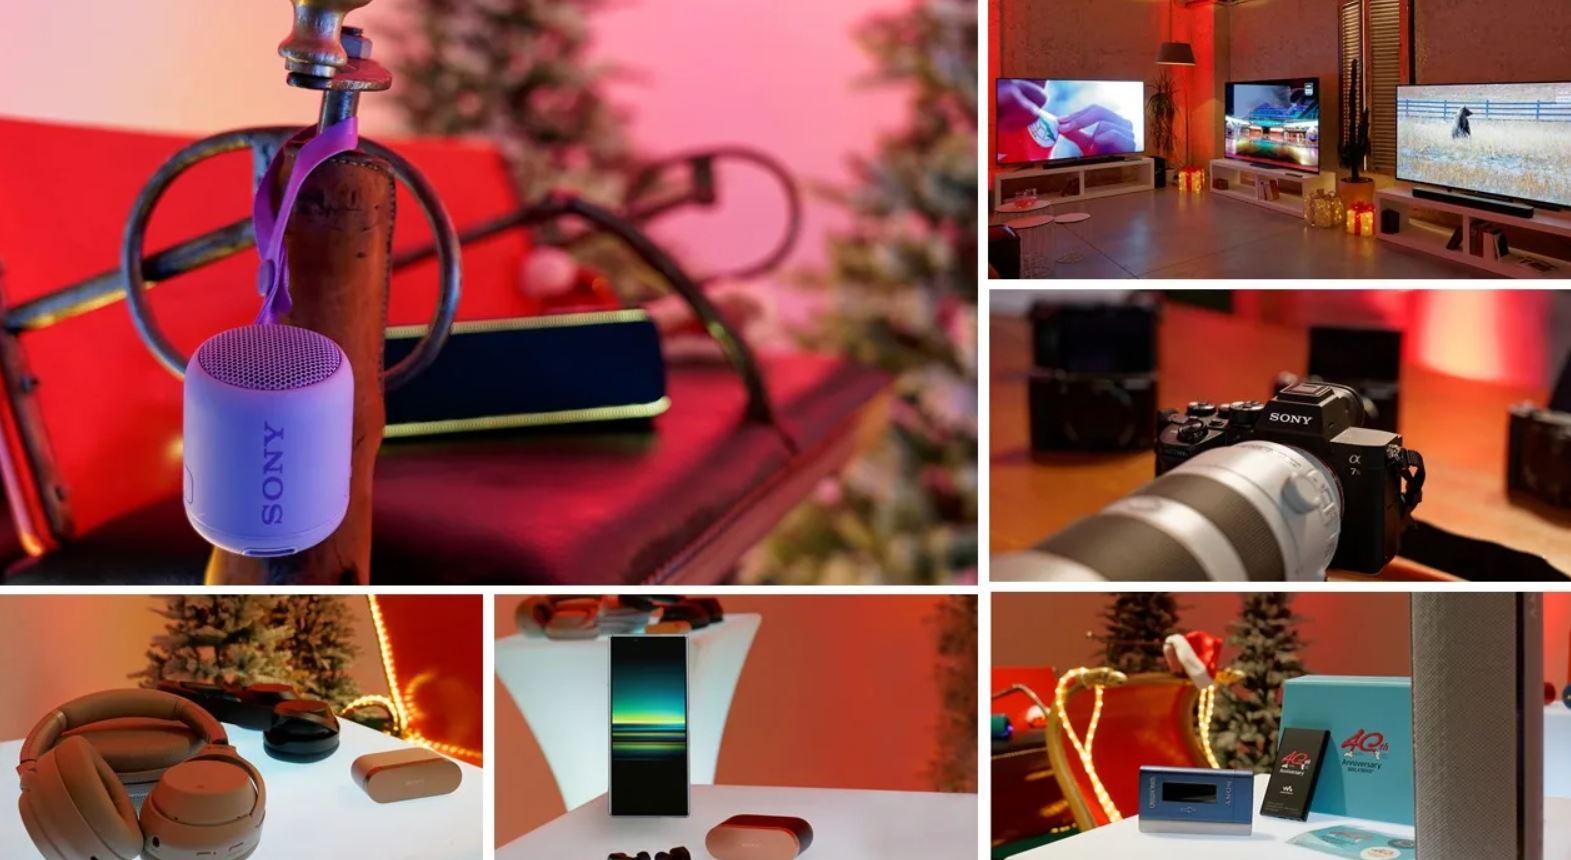 Natale con Sony: le proposte dell'azienda per i regali natalizi thumbnail